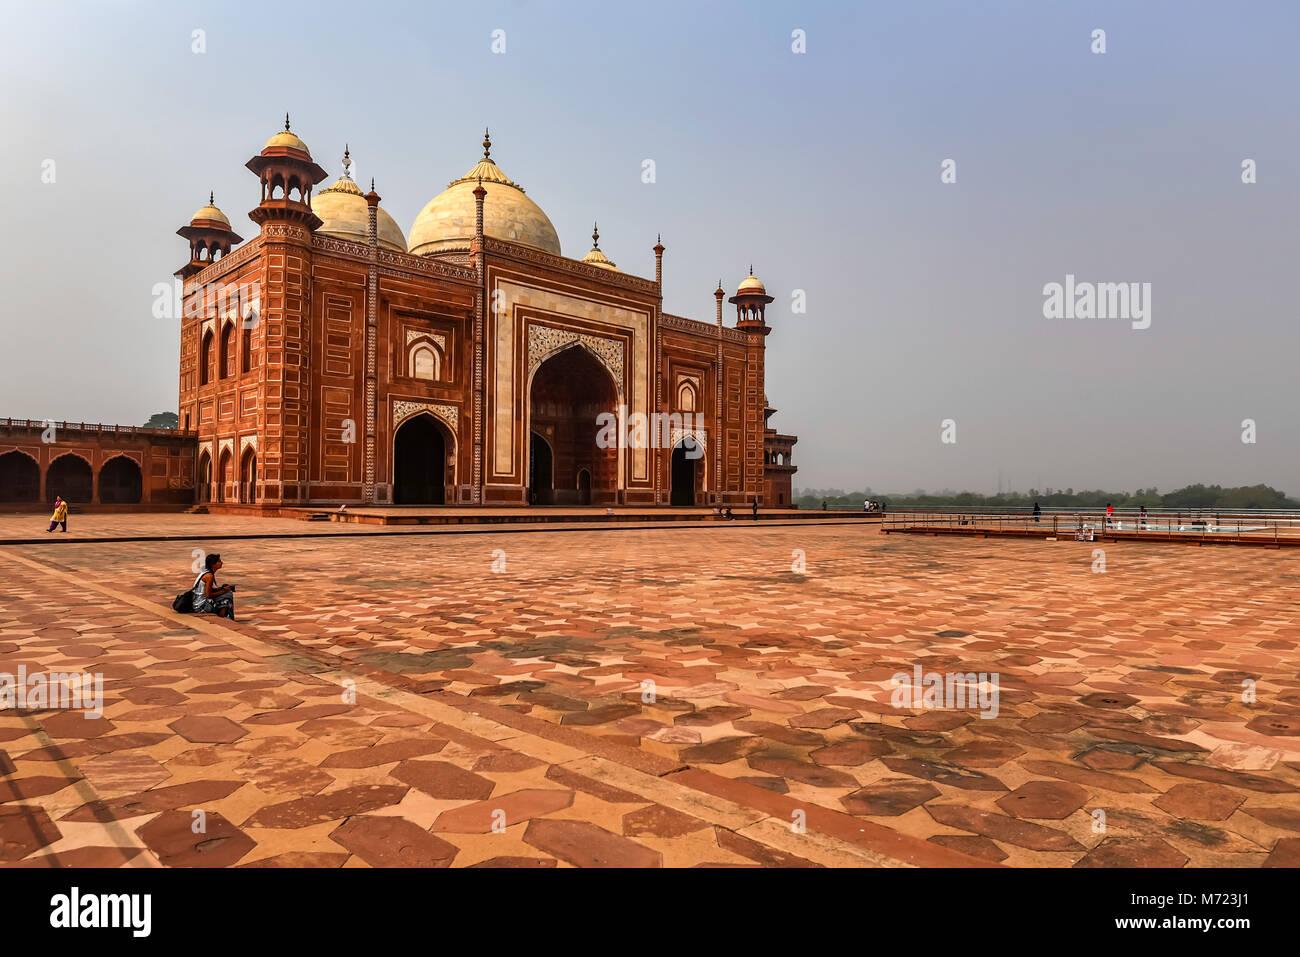 AGRA, India - 8 Novembre 2017: Vista della Moschea di Taj-Mahal Immagini Stock